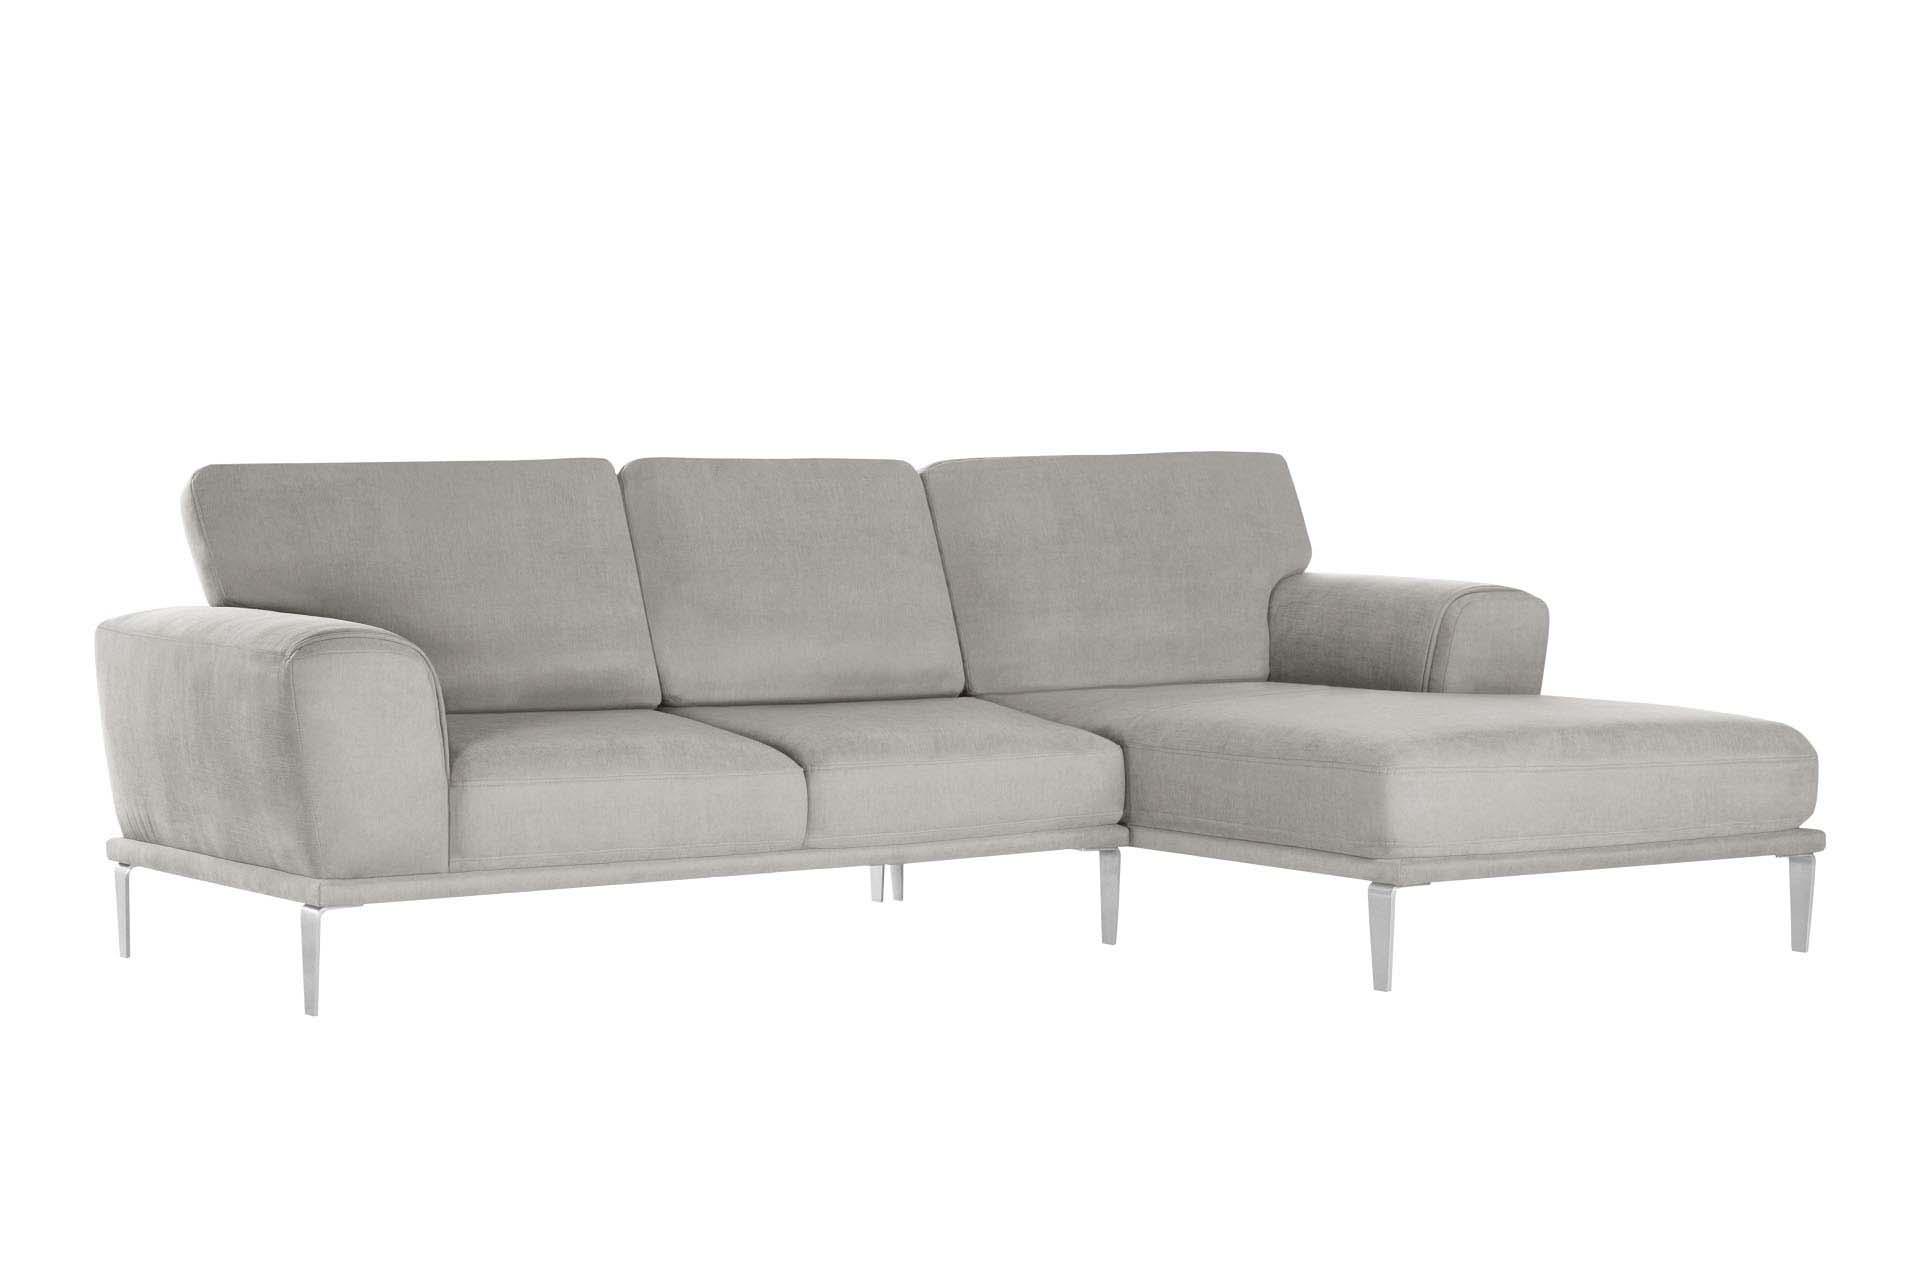 Canapé d'angle droit 5 places toucher coton gris clair